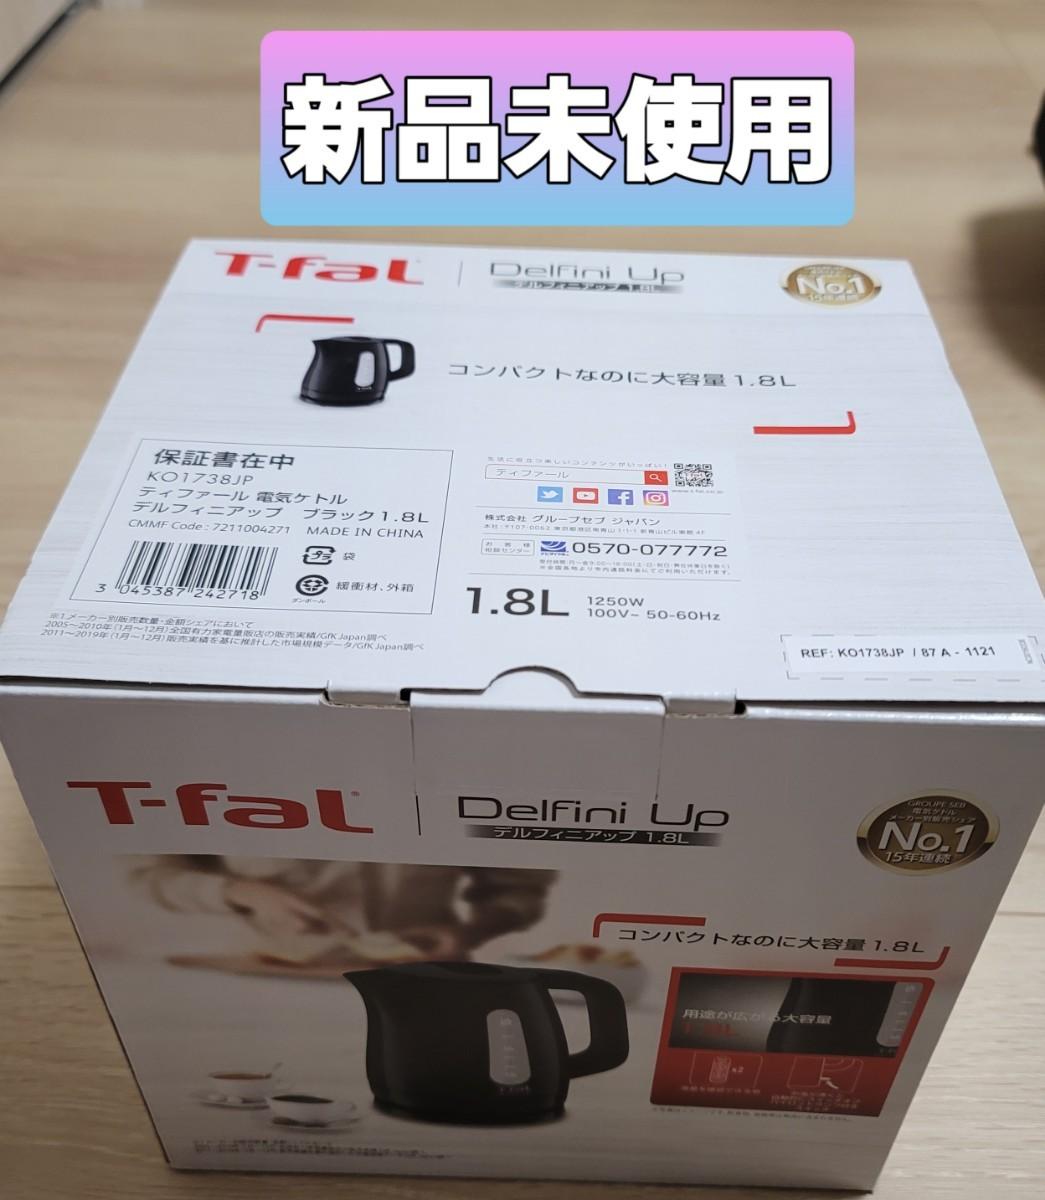 T-fal DelfiniUp 電気ケトル 1.8L